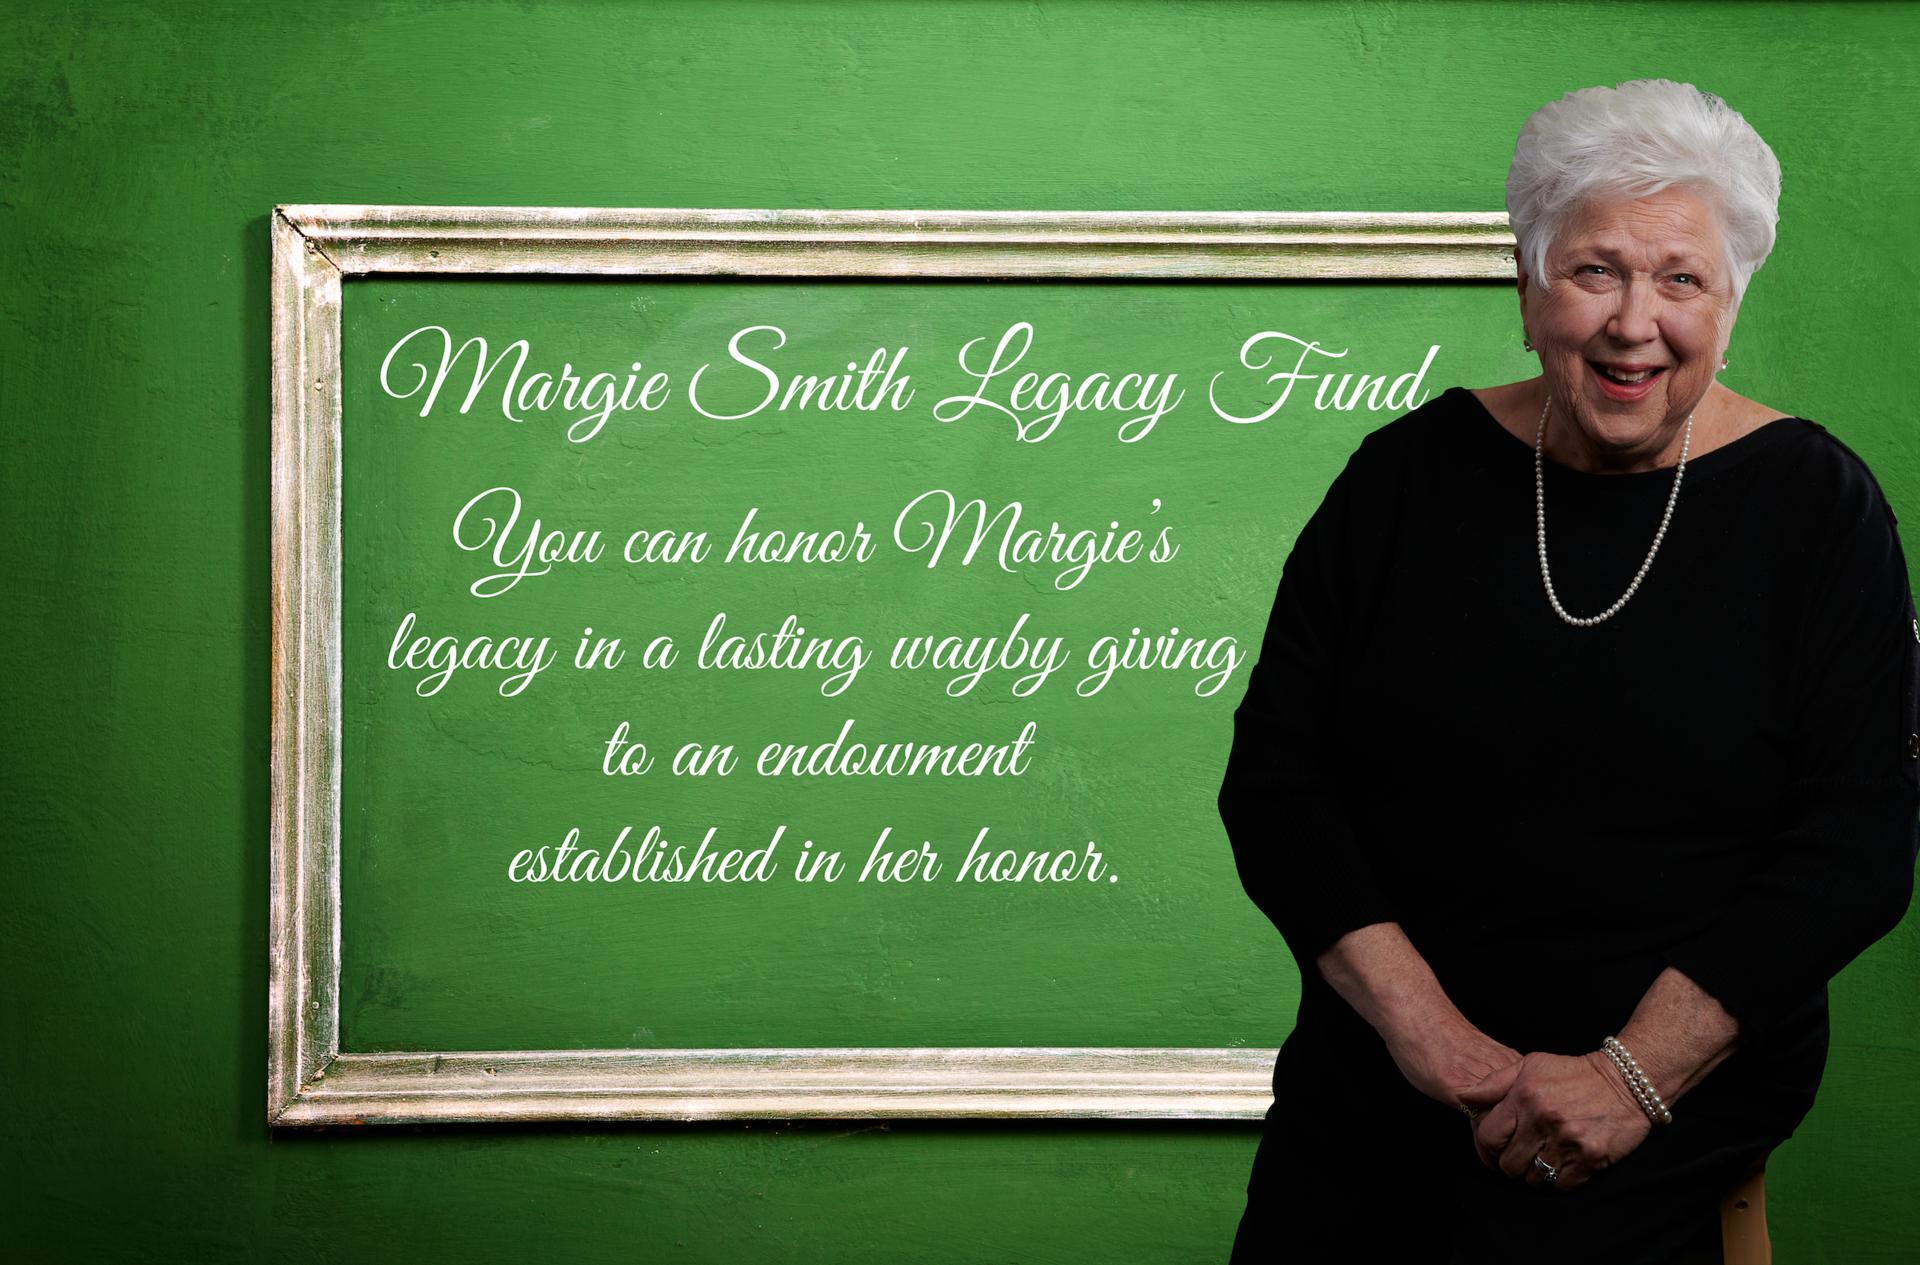 Margie Smith Legacy Photo